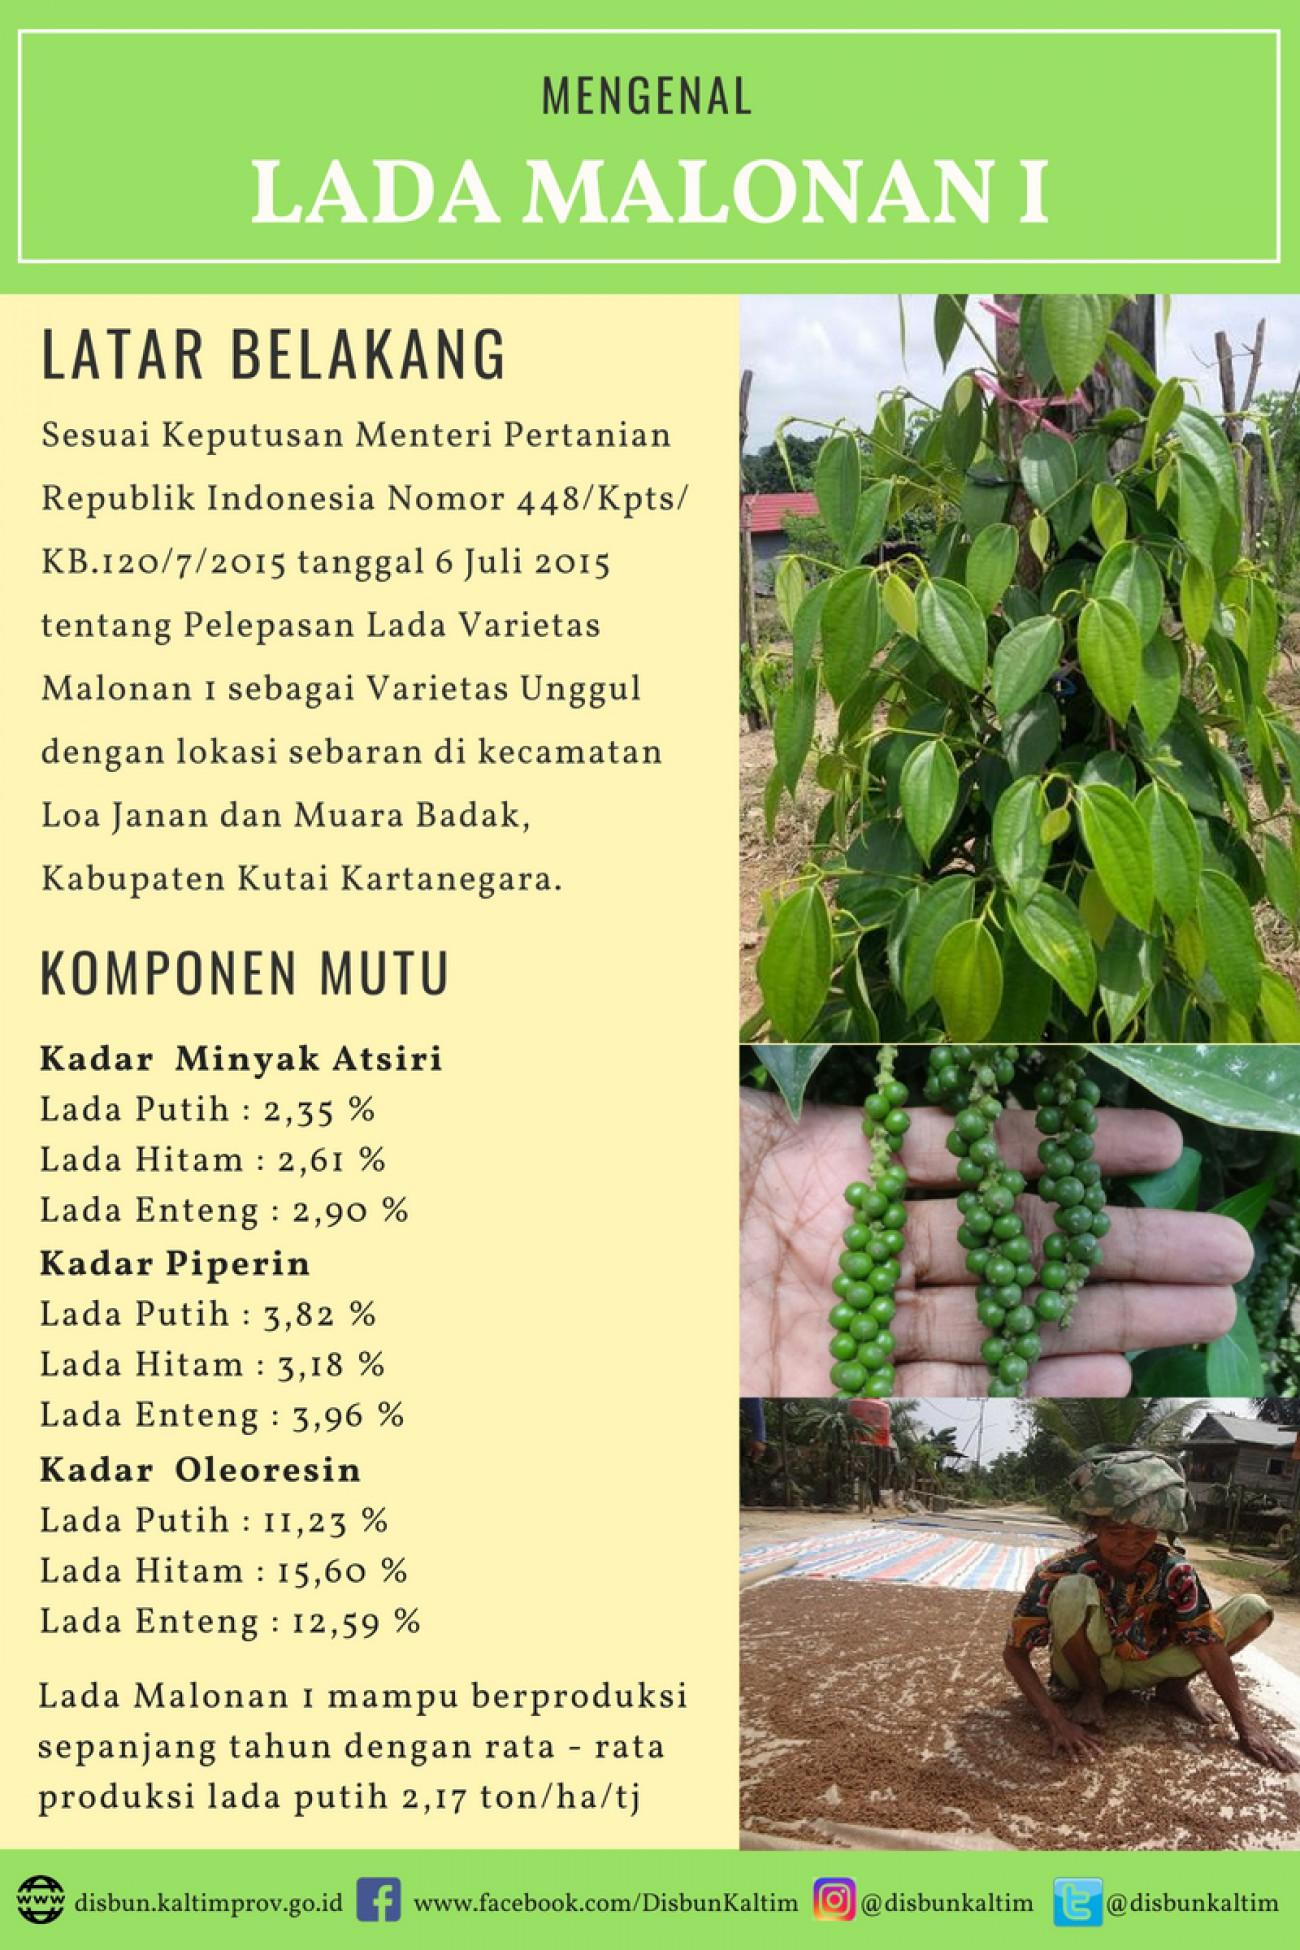 Mengenal Varietas Unggul Nasional asal Kalimantan Timur : LADA MALONAN 1